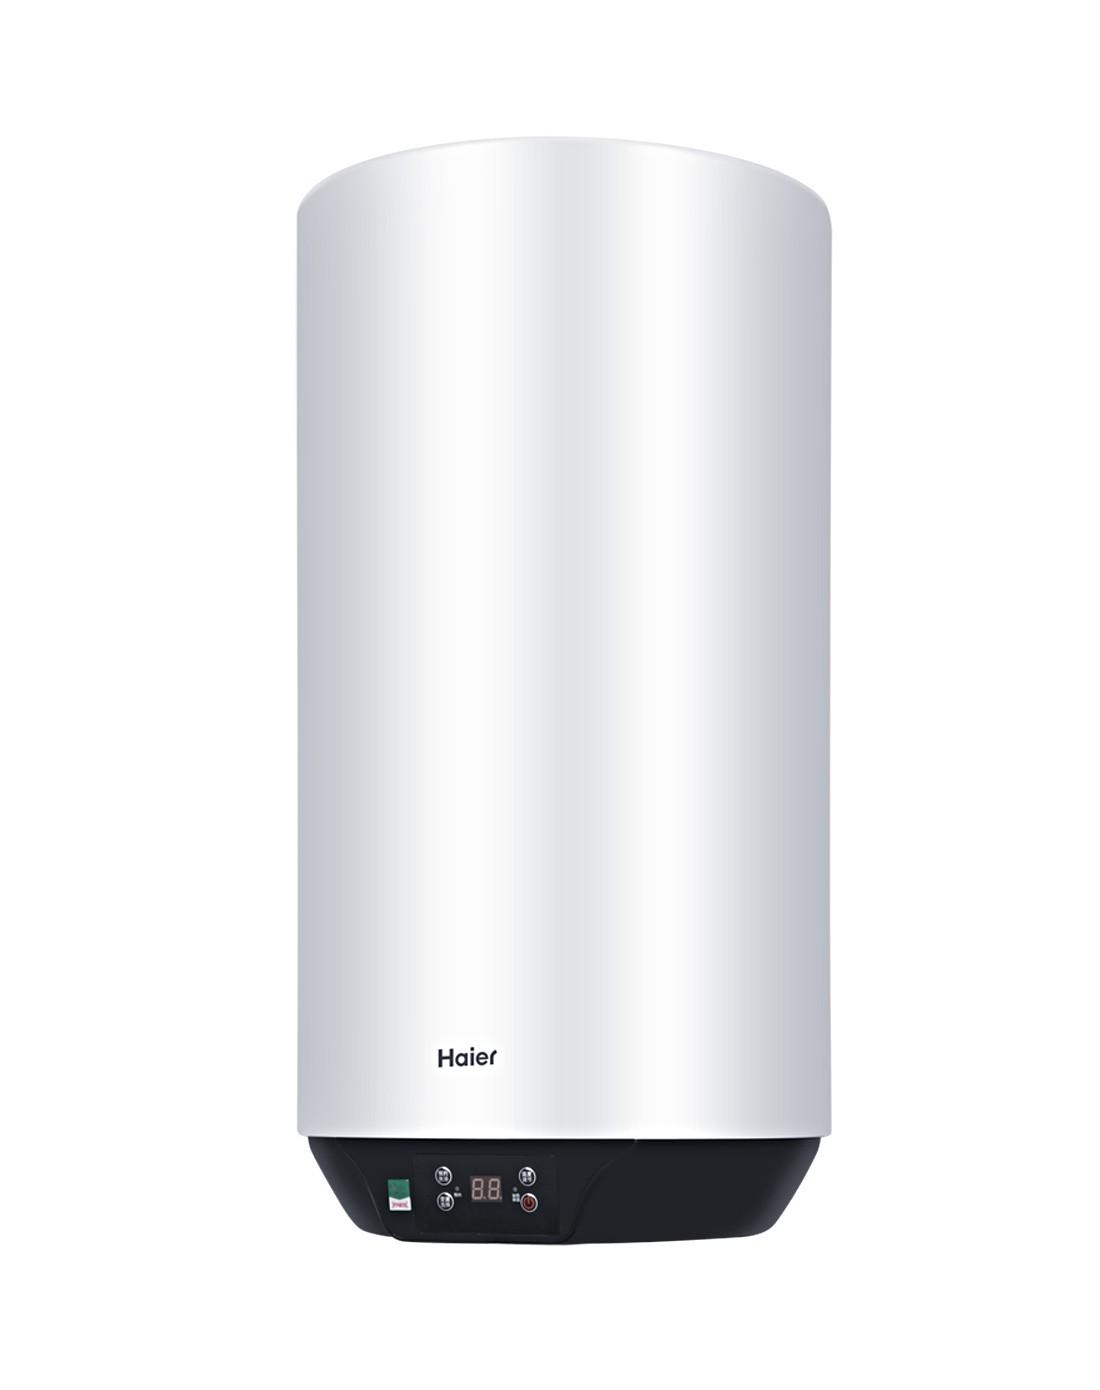 海尔haier空调&热水器专场60l电热水器 竖式es60v-u1